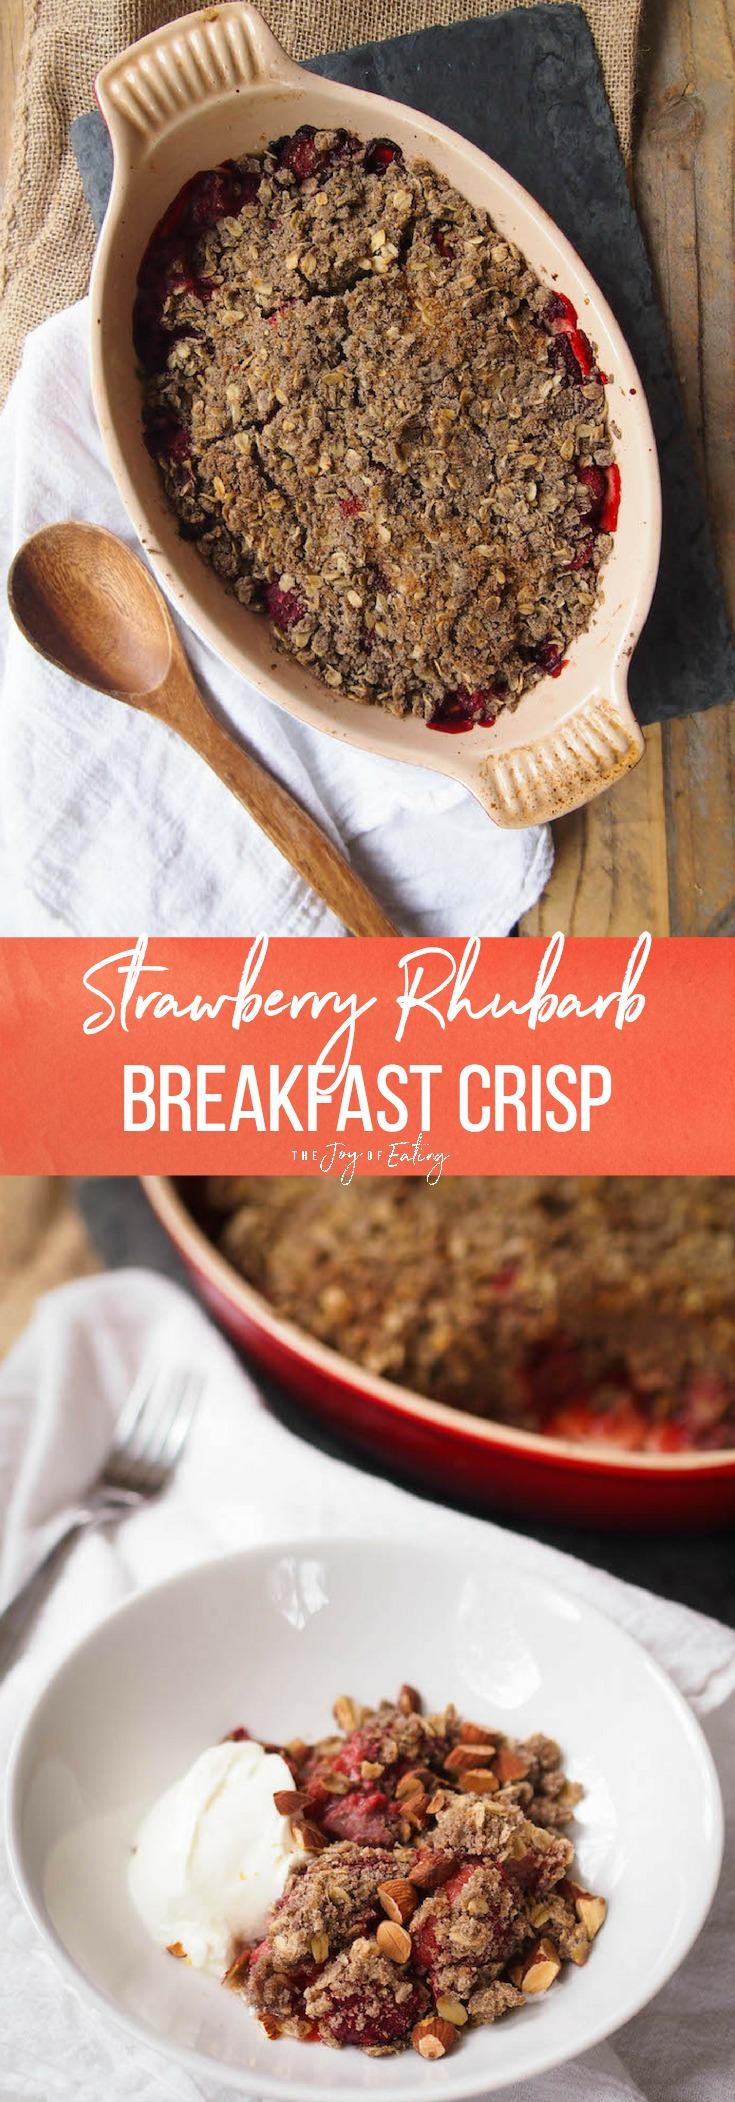 草莓煎饼的早餐